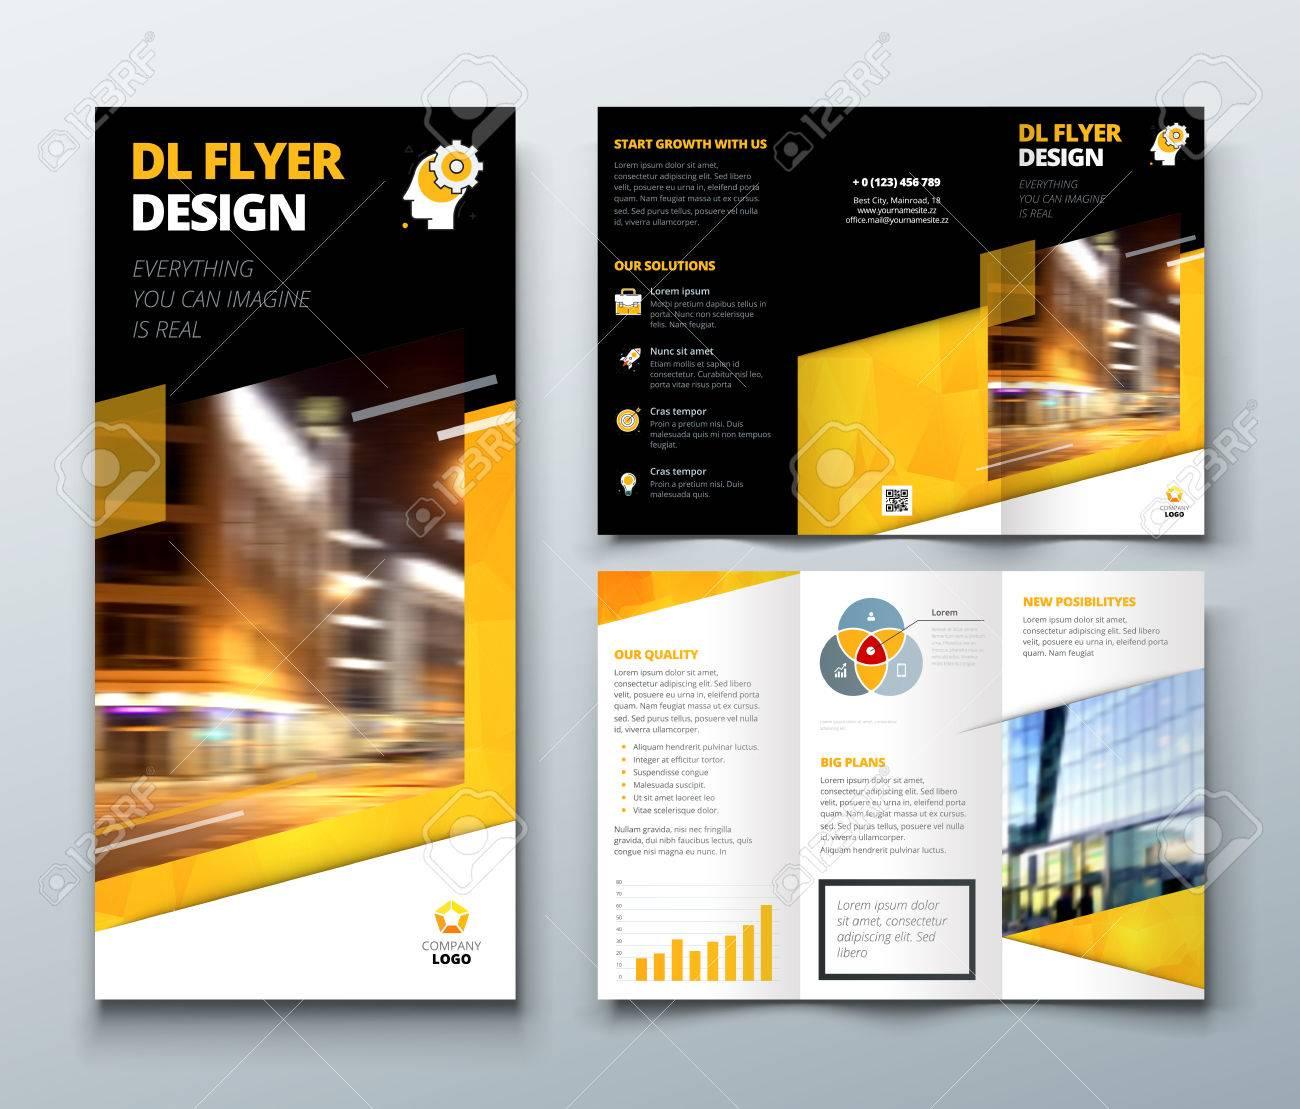 Diseño De Folleto Triple. Plantilla De Negocio Corporativo De DL ...